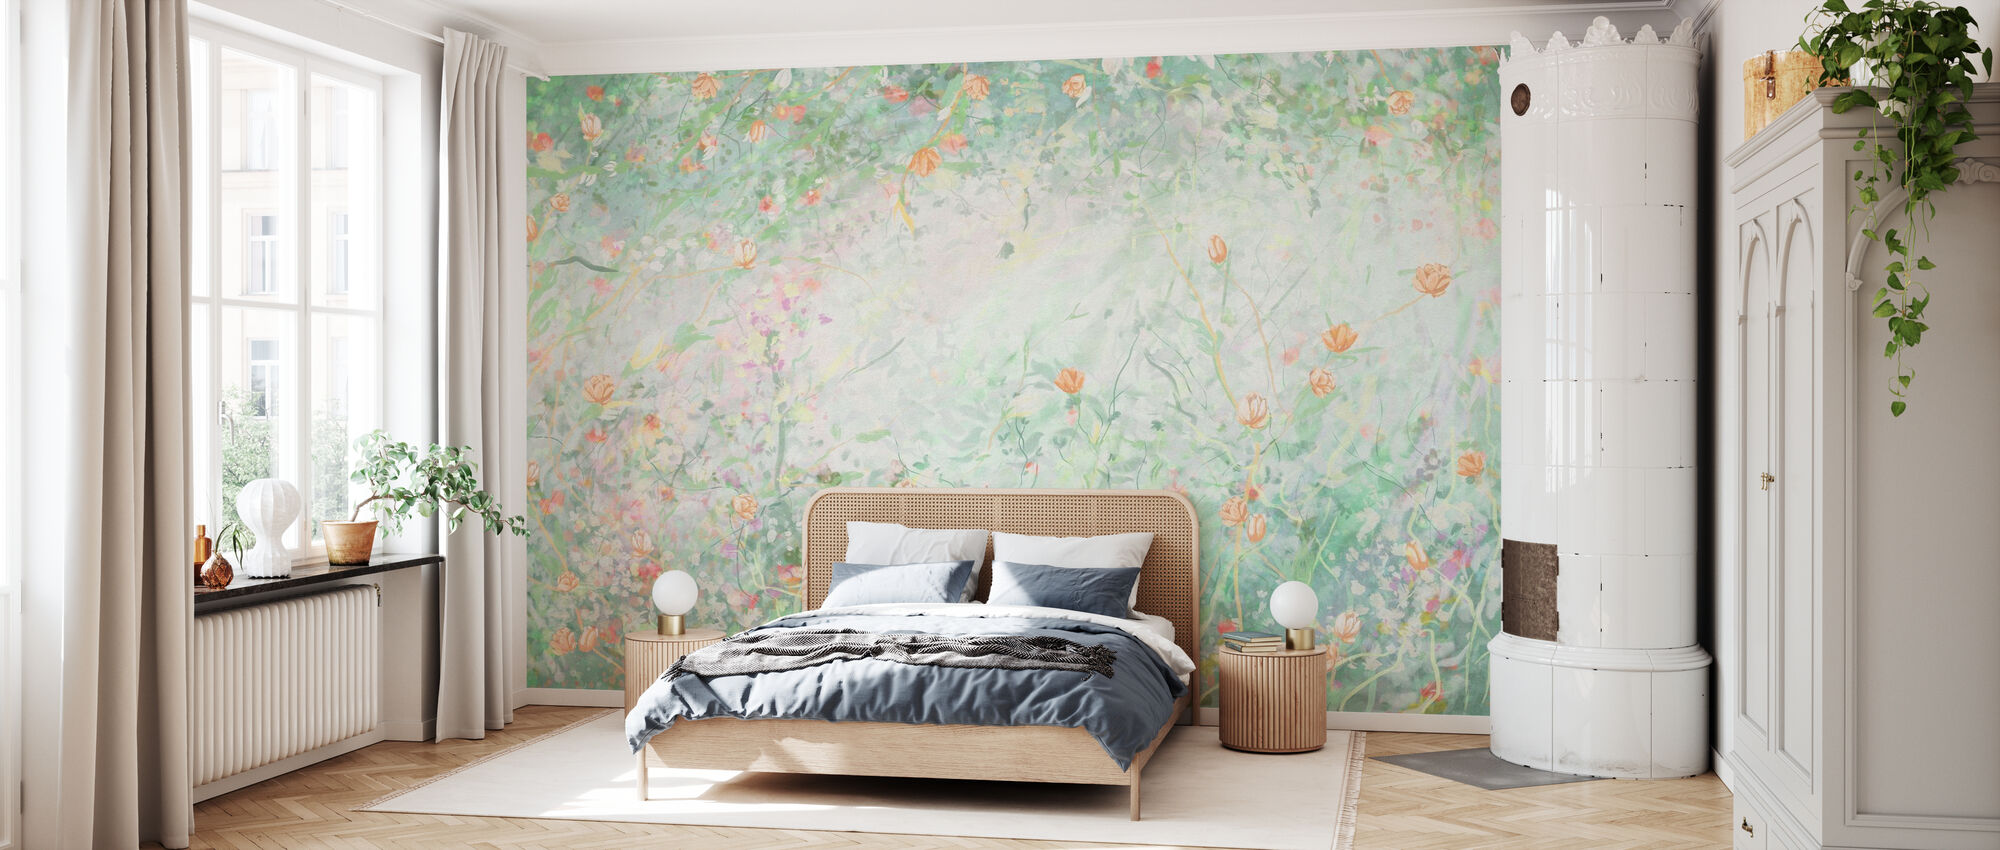 Gentle Flowers - Light Green - Wallpaper - Bedroom